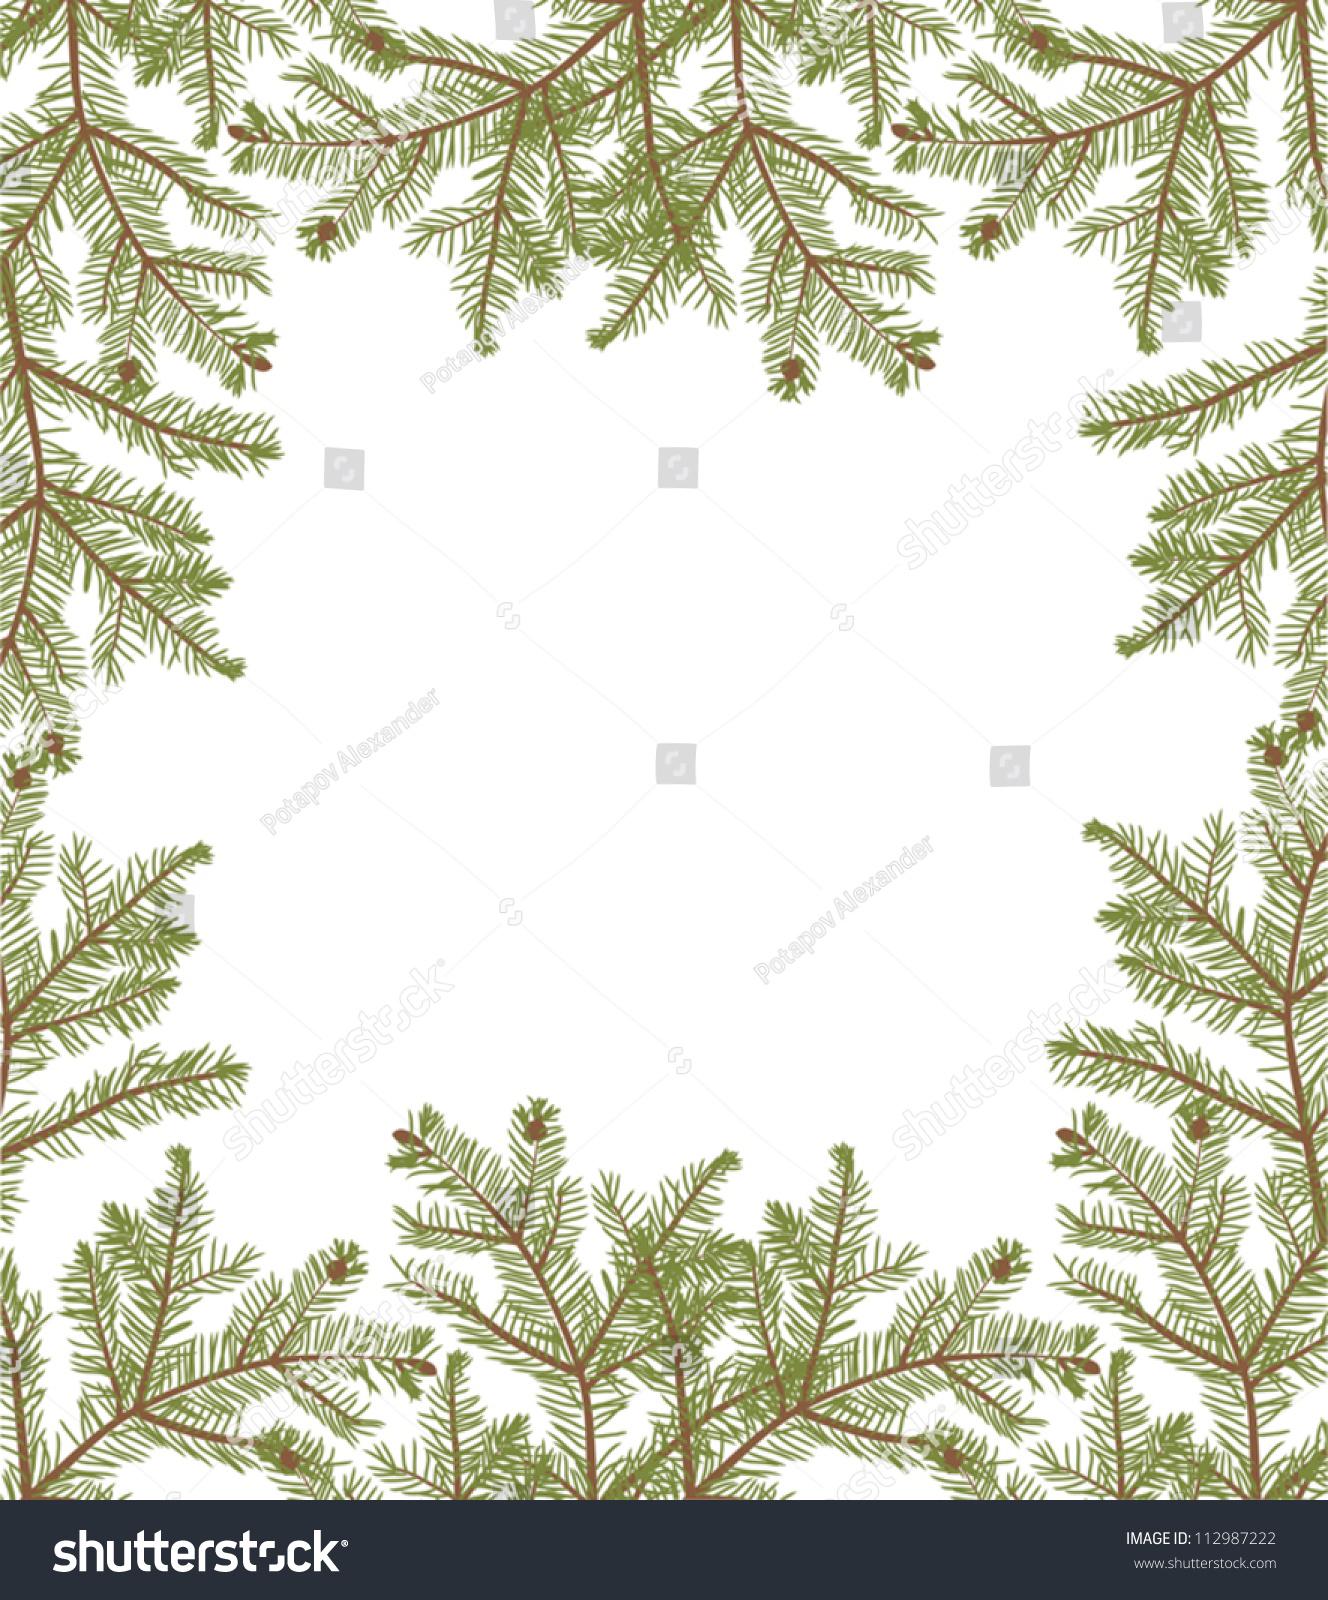 插图与冷杉树枝孤立在白色背景-自然-海洛创意()